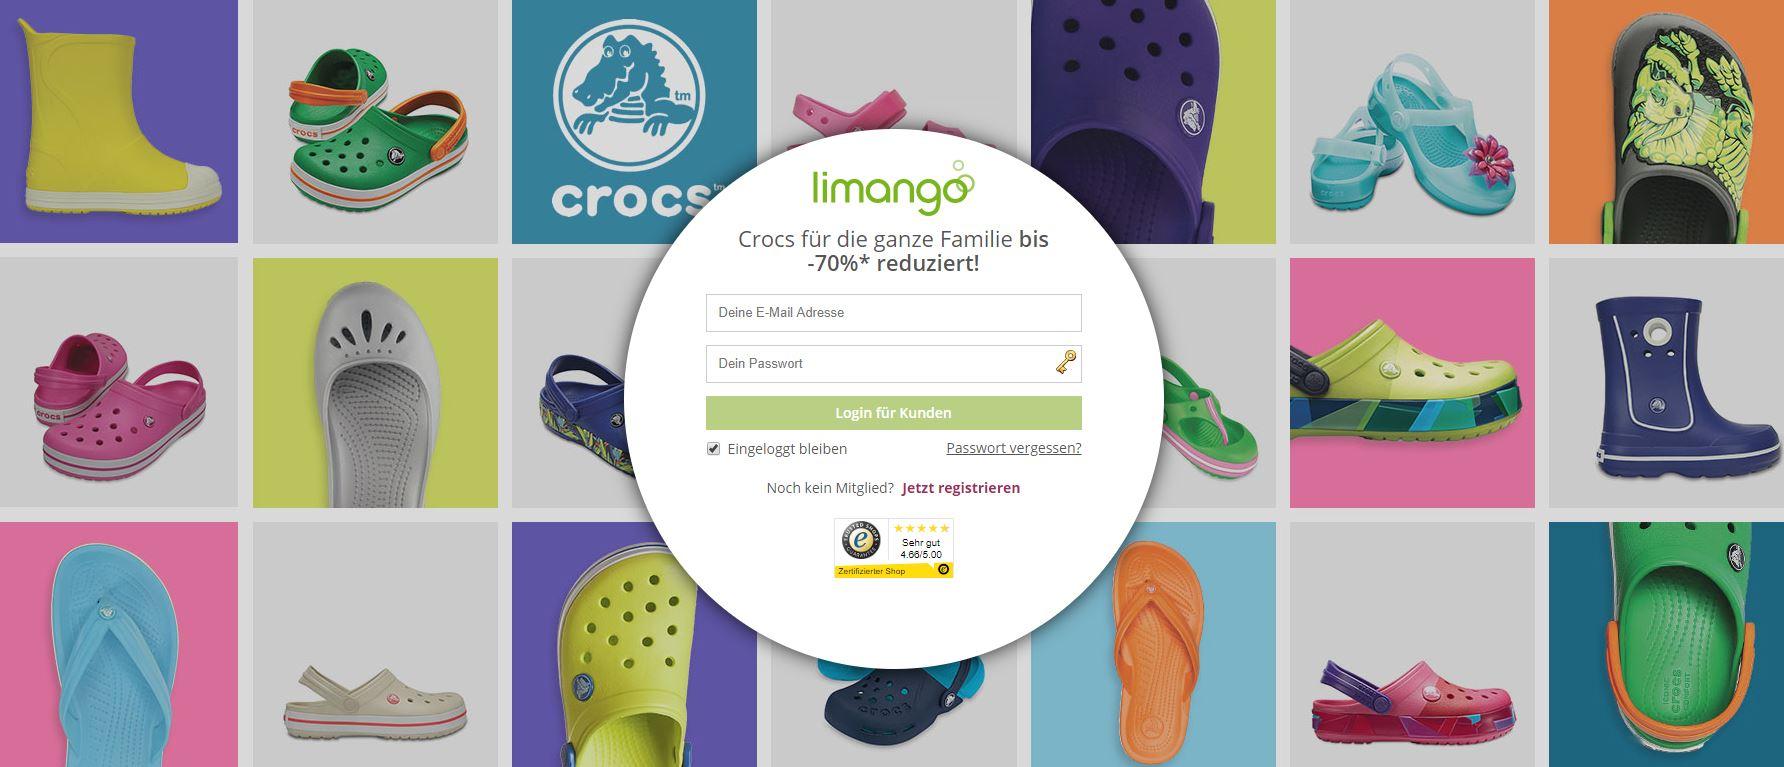 Mit Zu Sale Bis 70RabattFlipsamp; Crocs Ab Clocs 13 KFJTl1c